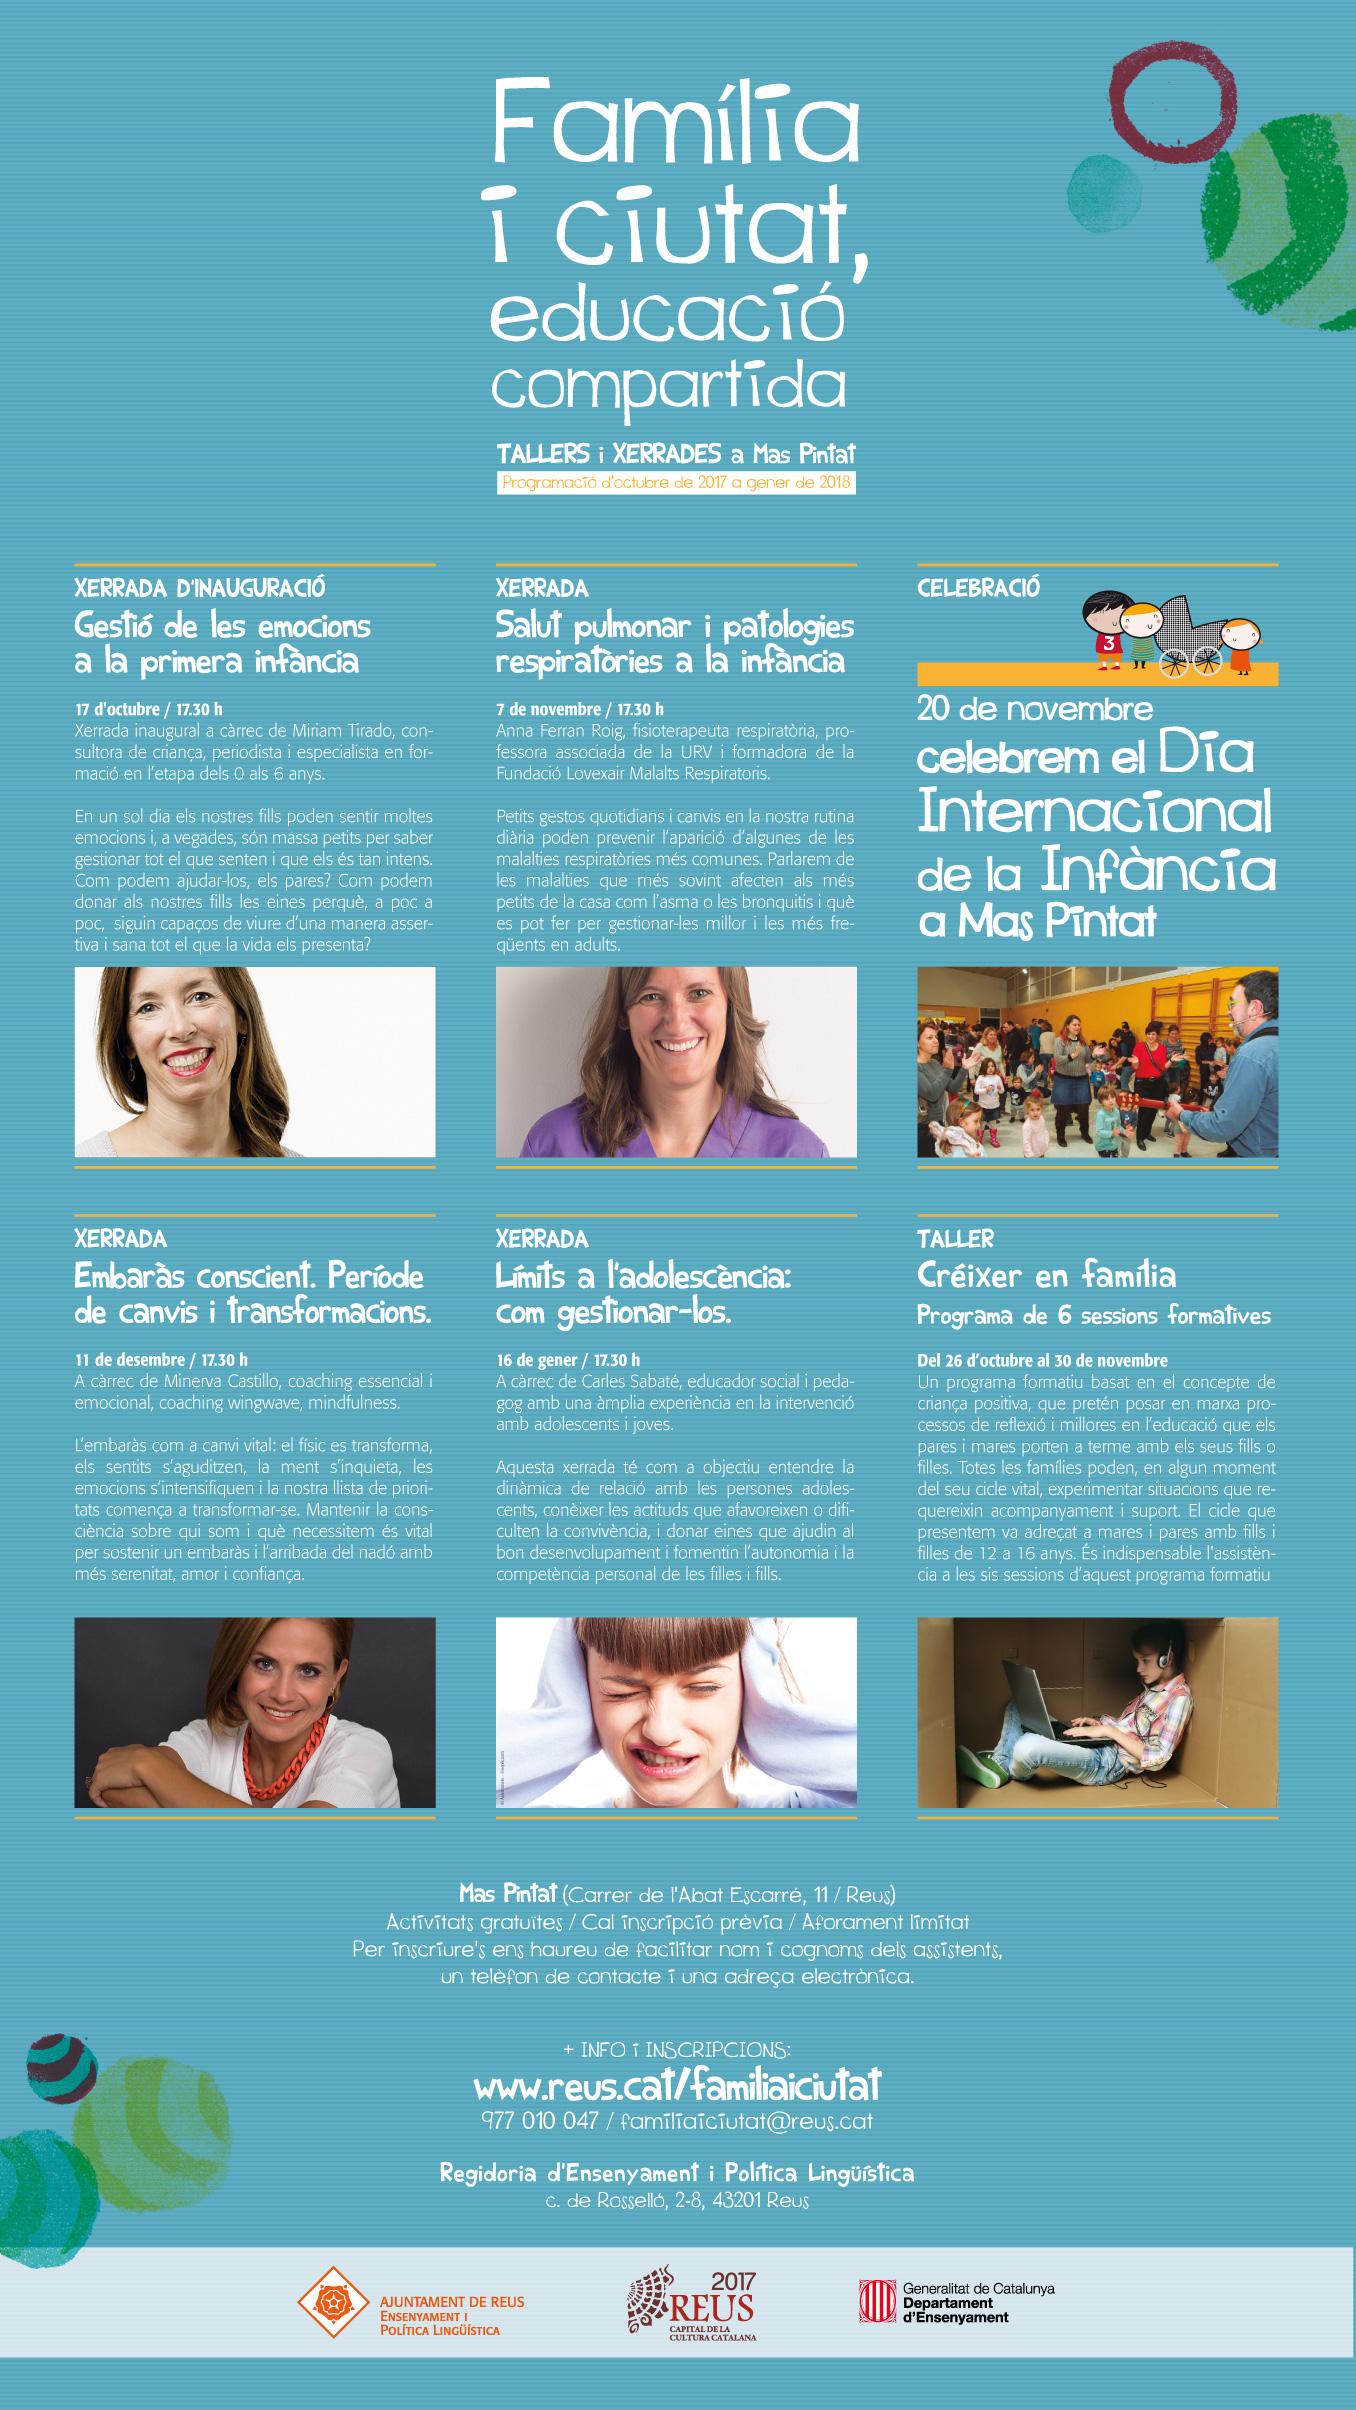 Programa cartell familia i ciutat, educació compartida